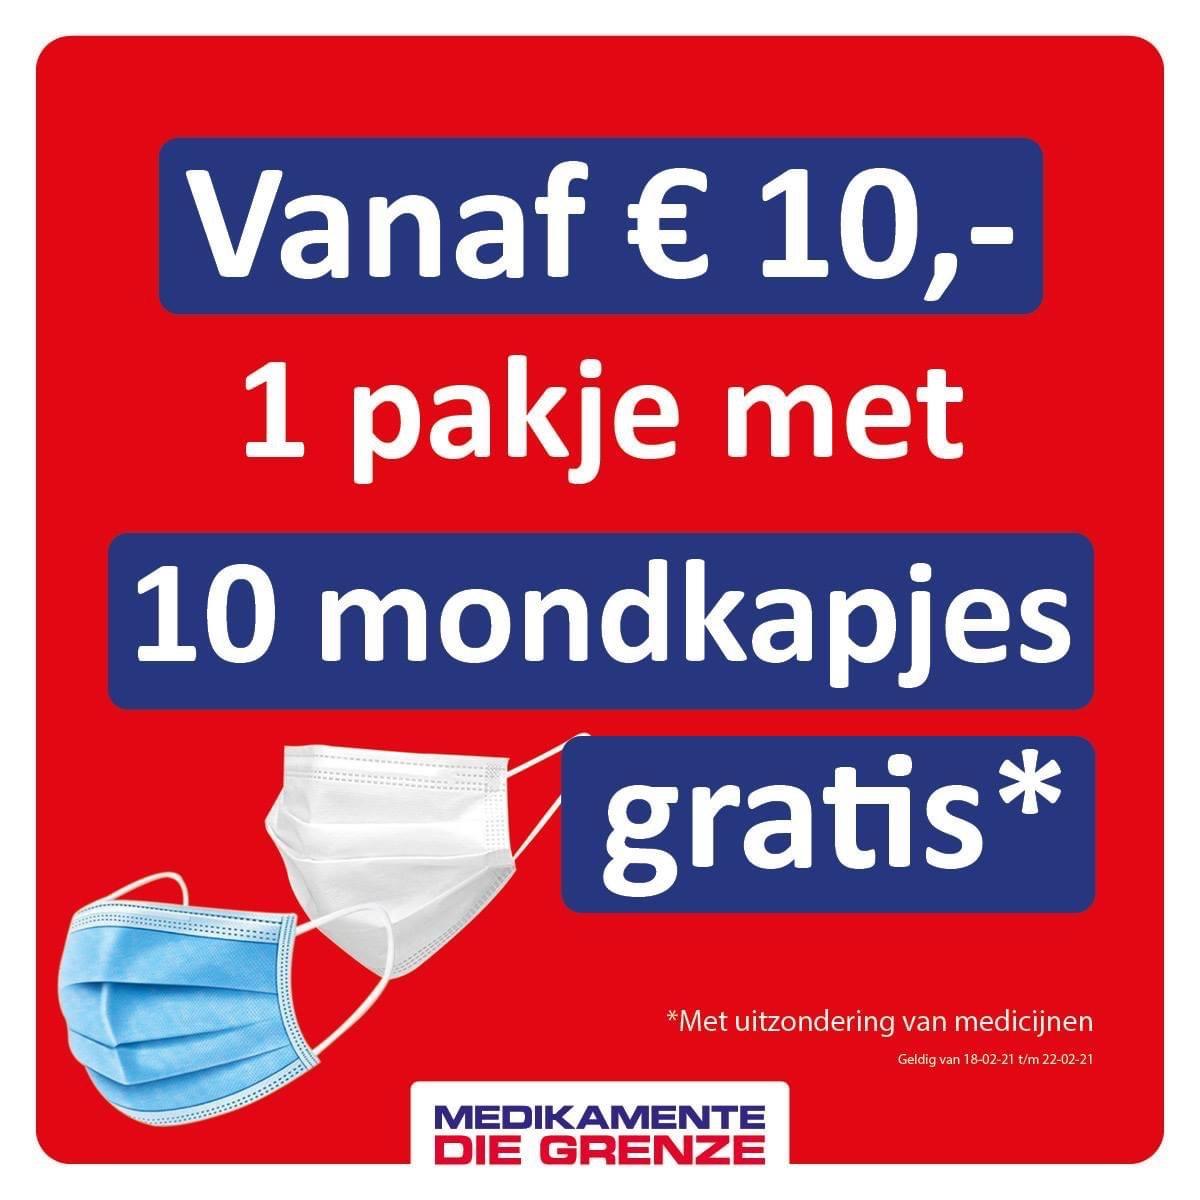 Gratis 10 mondkapjes bij aankoop vanaf €10